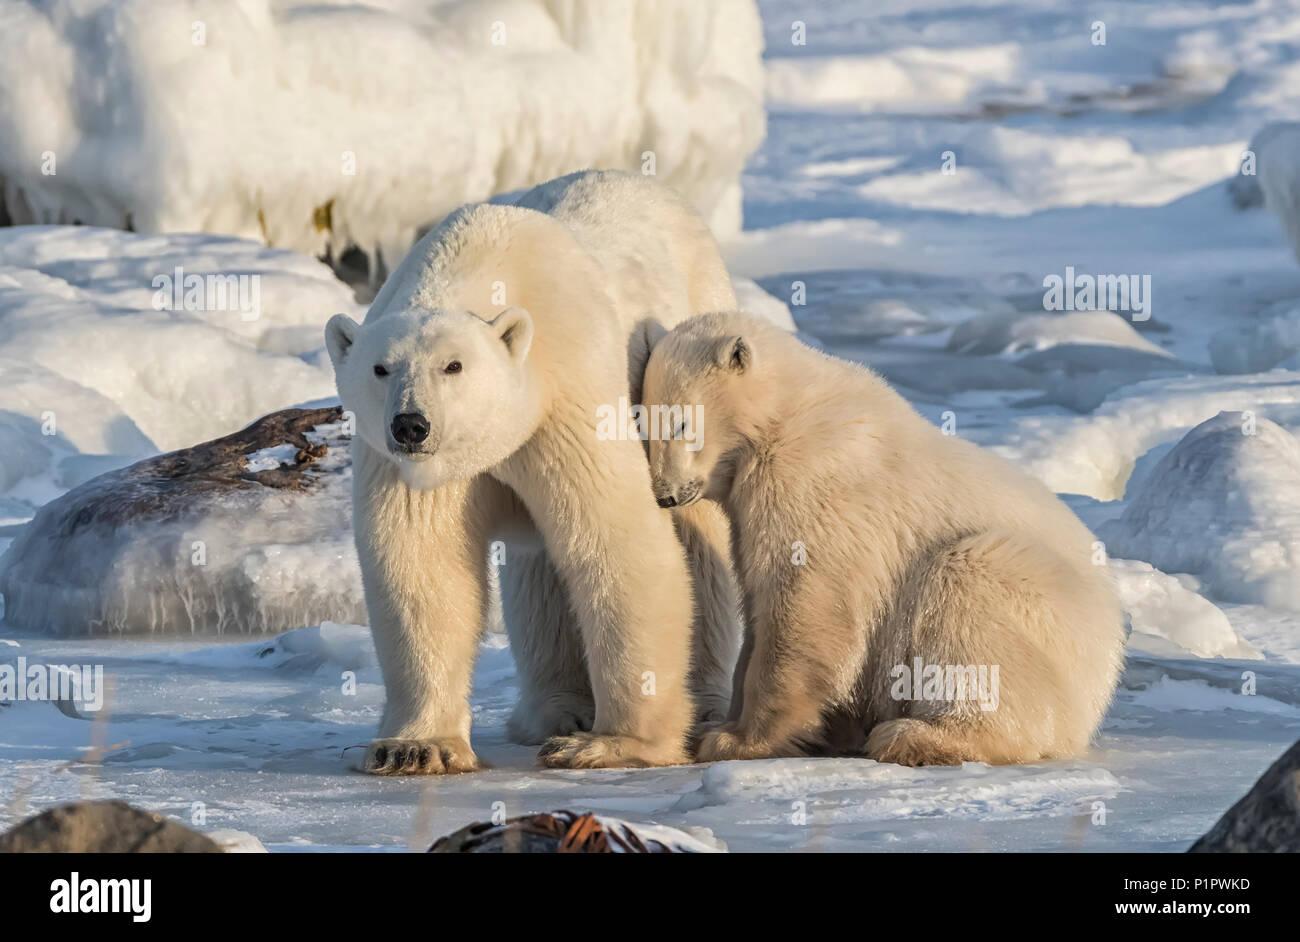 Mutter und cub Eisbären (Ursus maritimus) im Schnee; Churchill, Manitoba, Kanada Stockbild